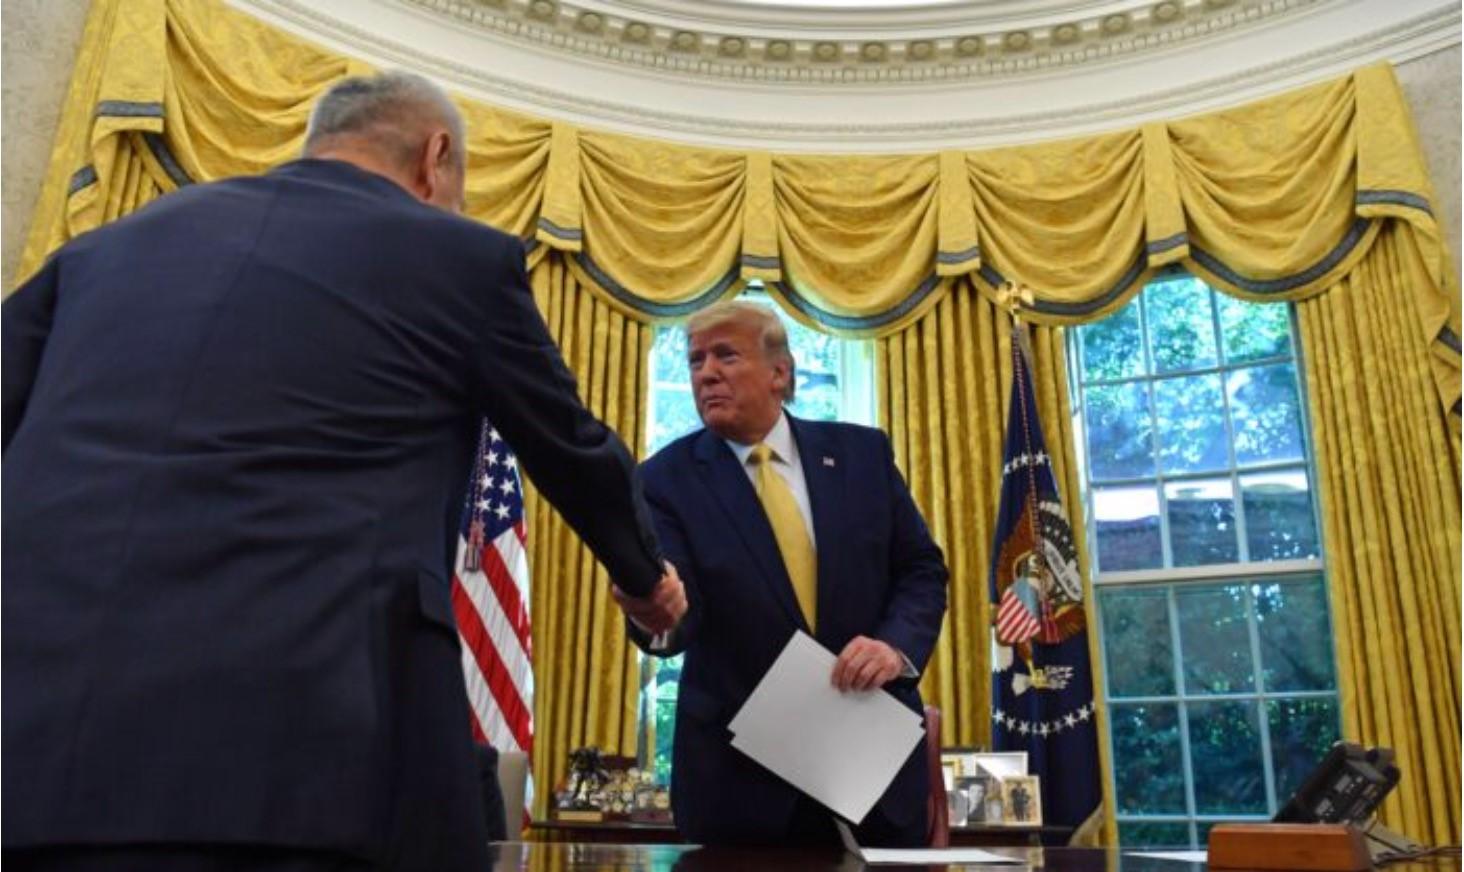 10月11日,在美國將要就人權法投票前夕,中美在華盛頓達成了有限的貿易協定。(Nicholas Kamm / AFP via Getty Images)